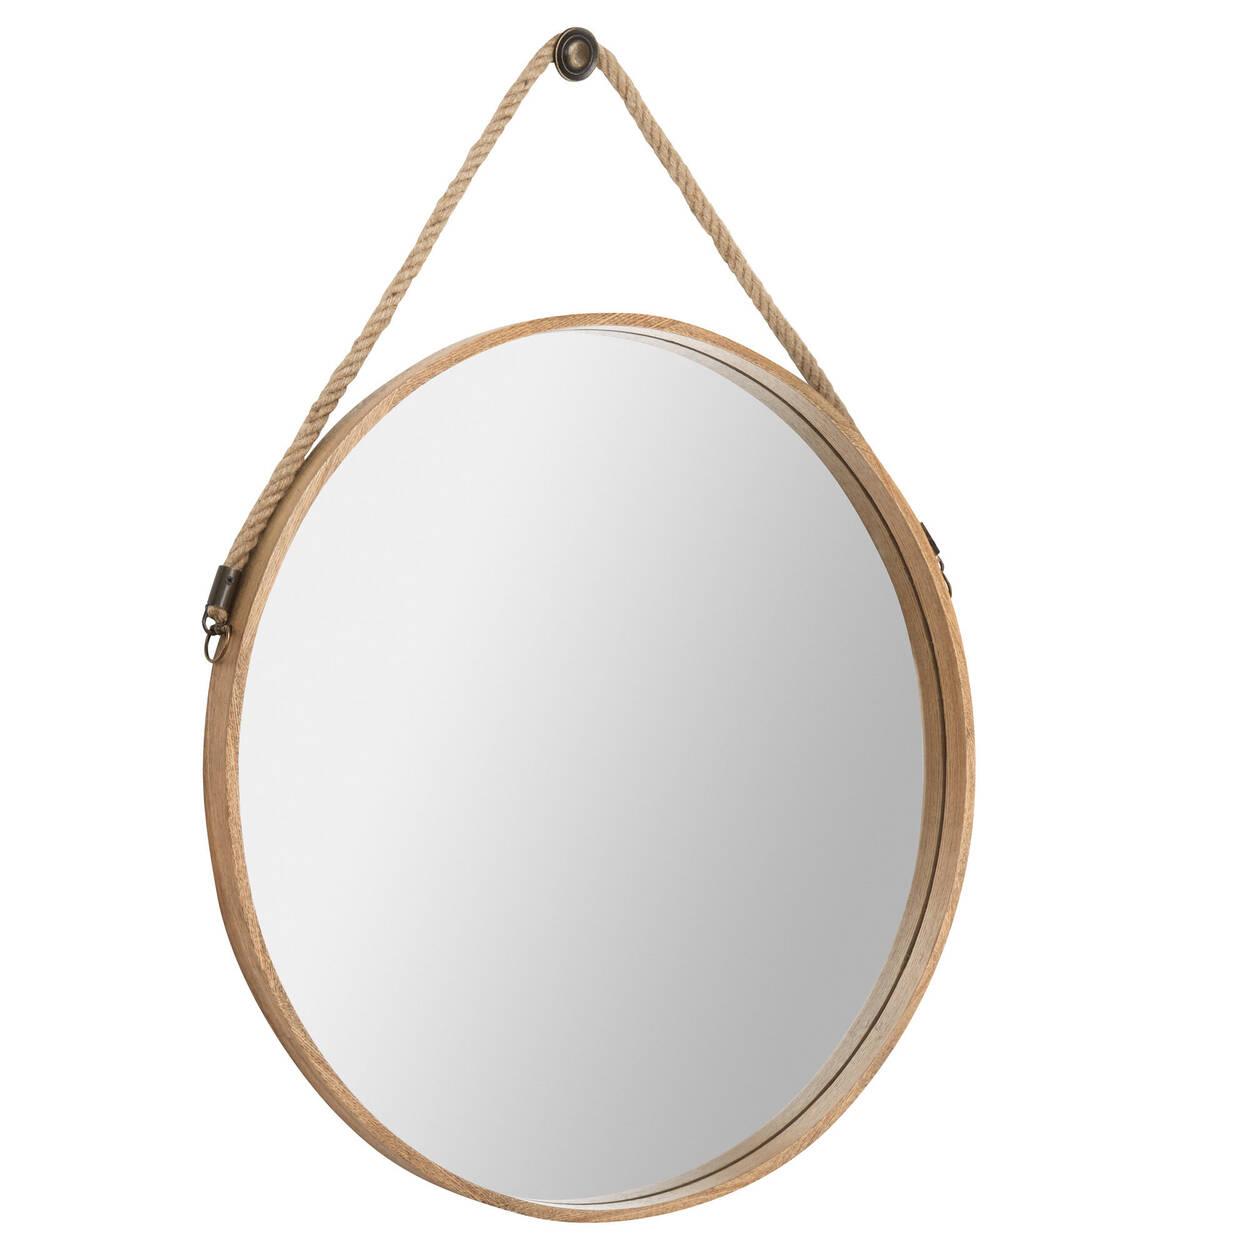 Miroir rond suspendu avec crochet